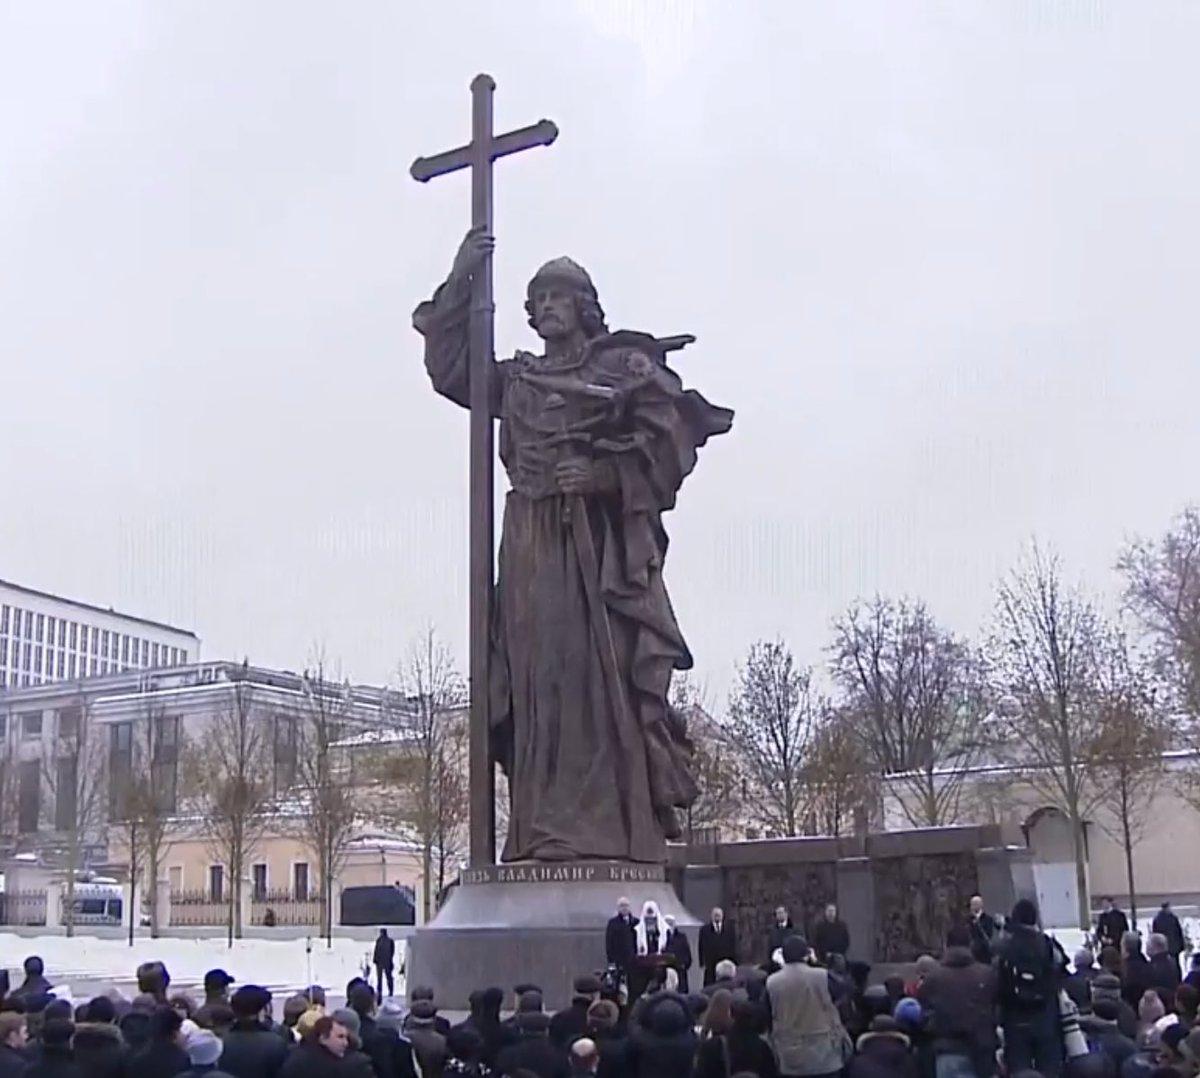 Памятник погибшим в зоне АТО сотрудникам СБУ открыли в Одессе - Цензор.НЕТ 6755